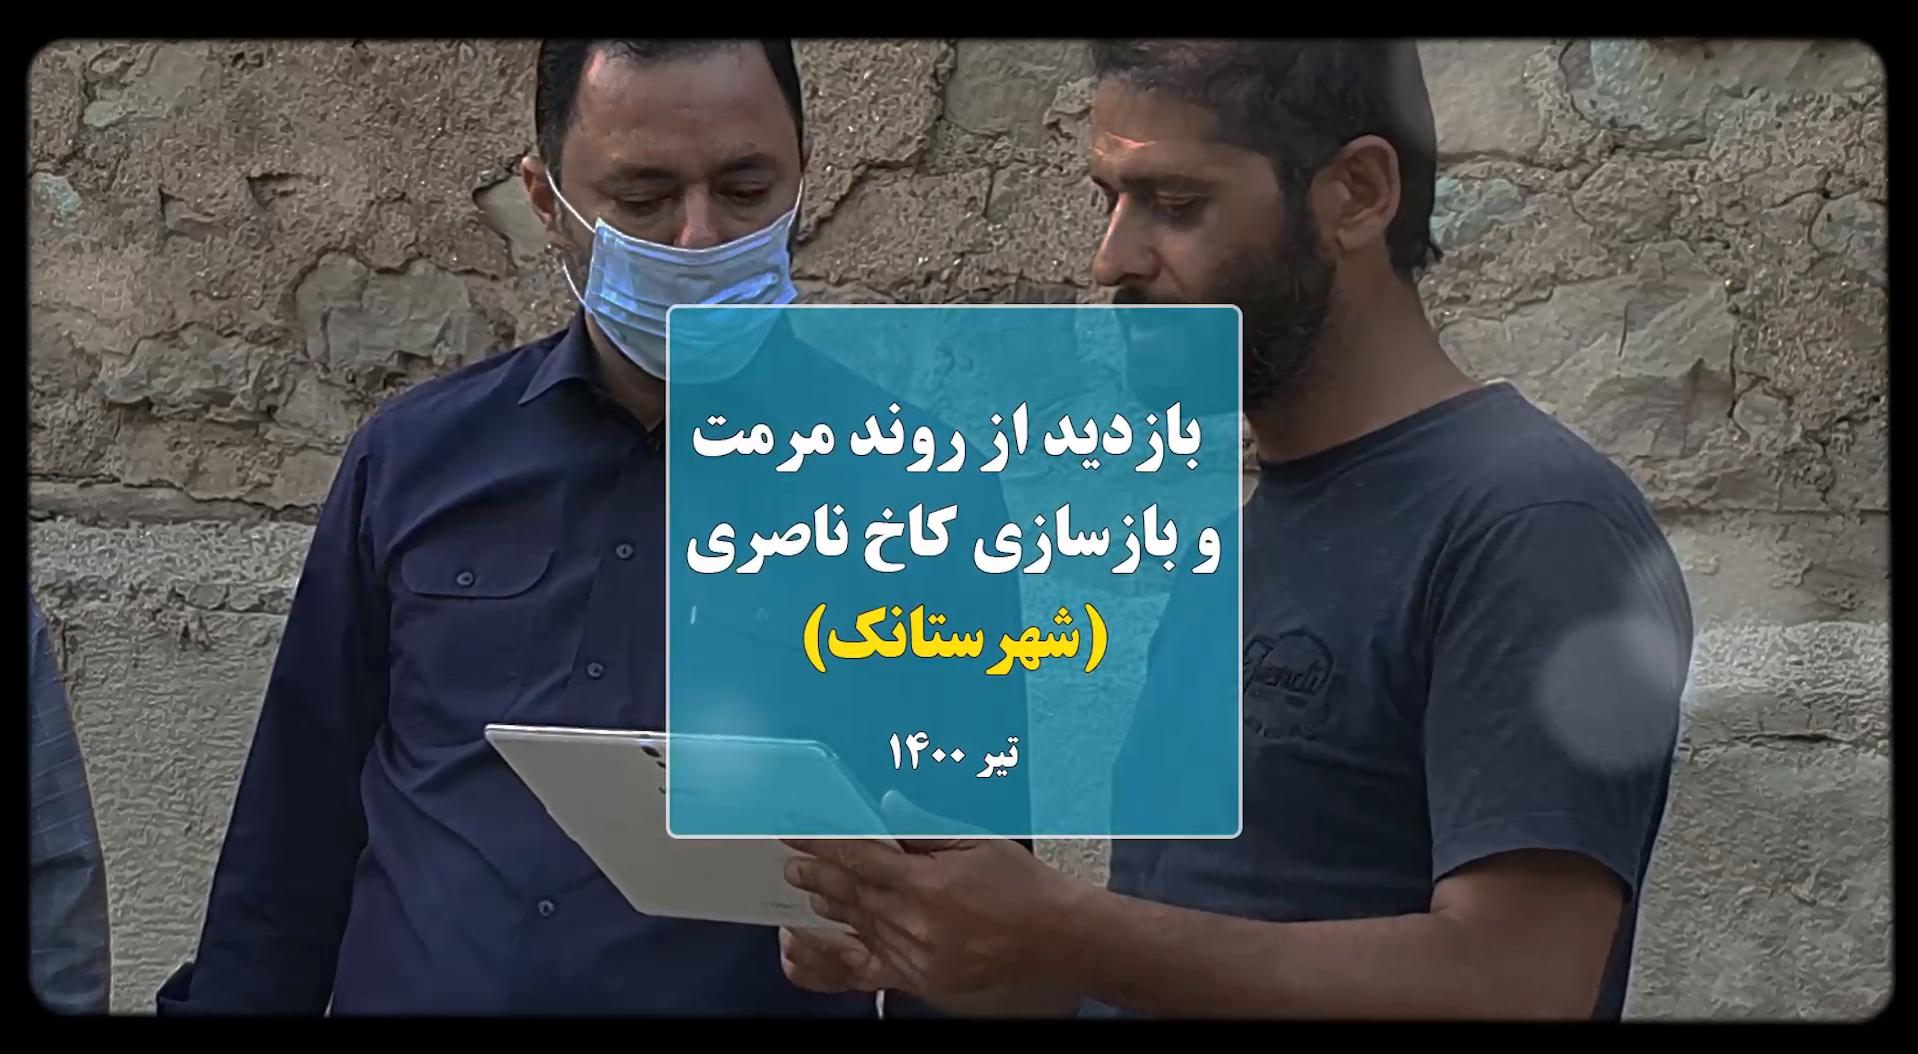 بازدید مهدی عسگری از روند مرمت و بازسازی کاخ ناصری در روستای شهرستانک (جاده کرج- چالوس)